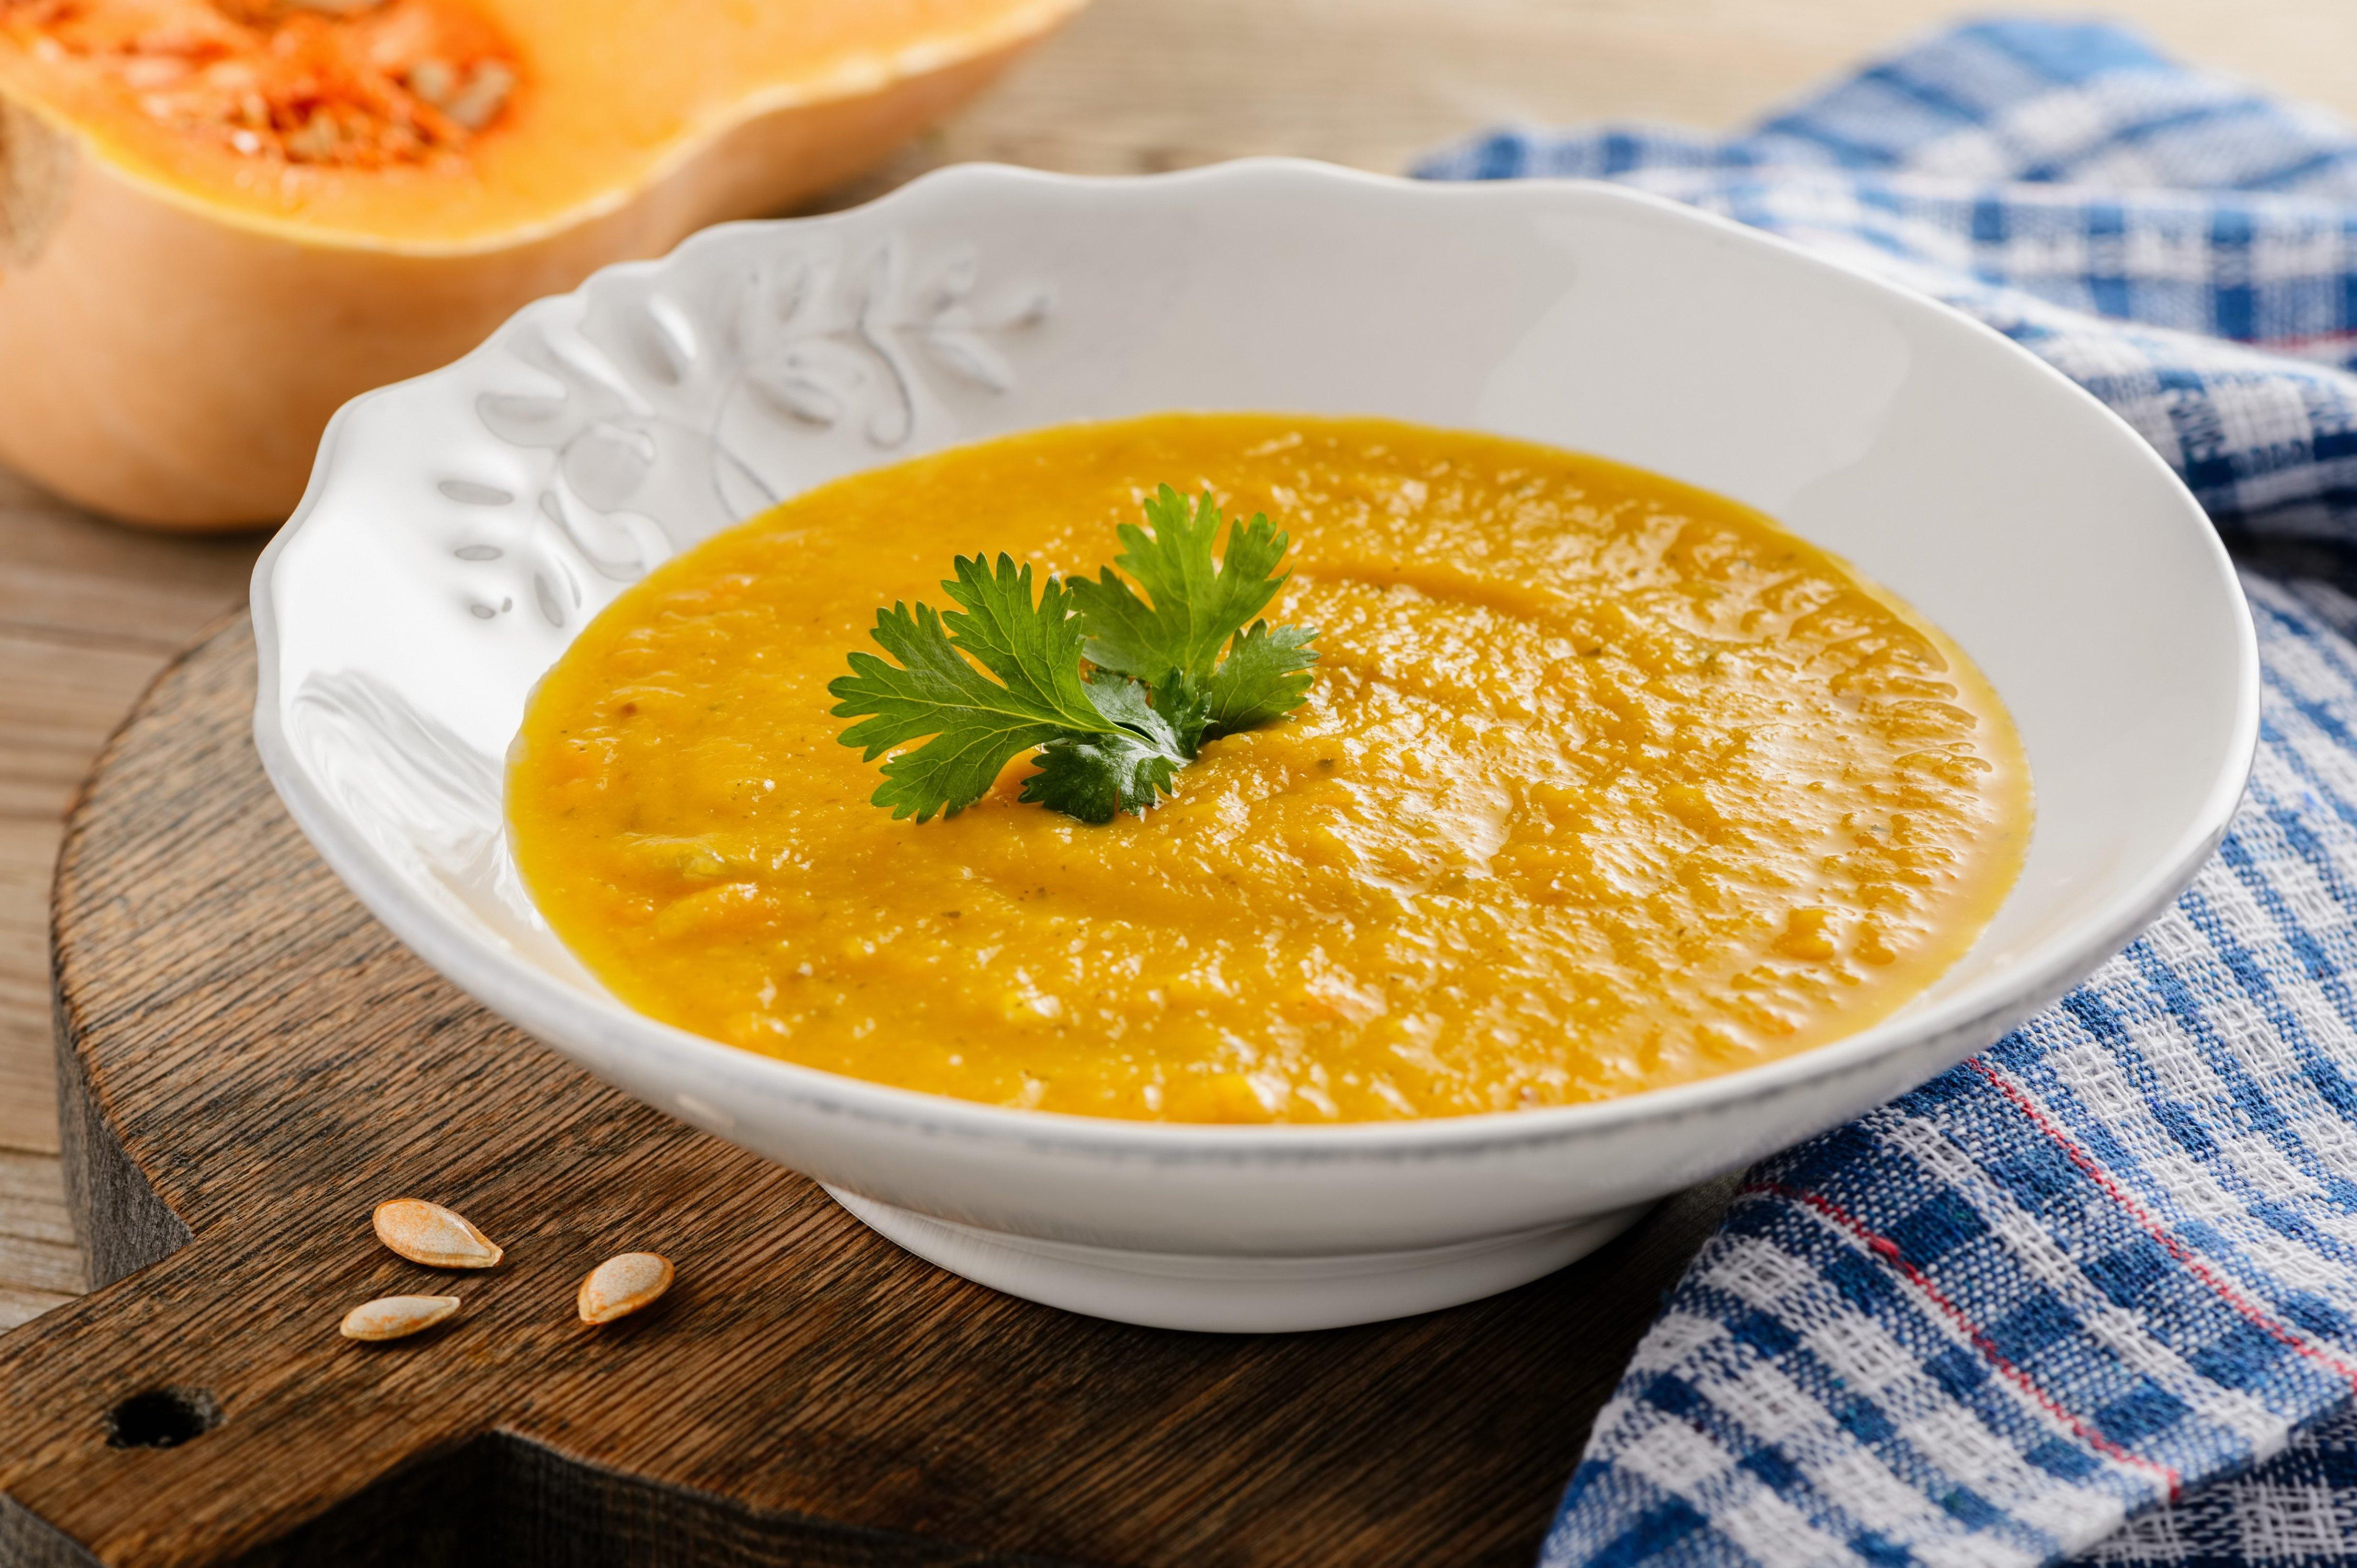 серо-розовый вкусный тыквенный суп пюре диетический рецепт с фото предмет большой, можете